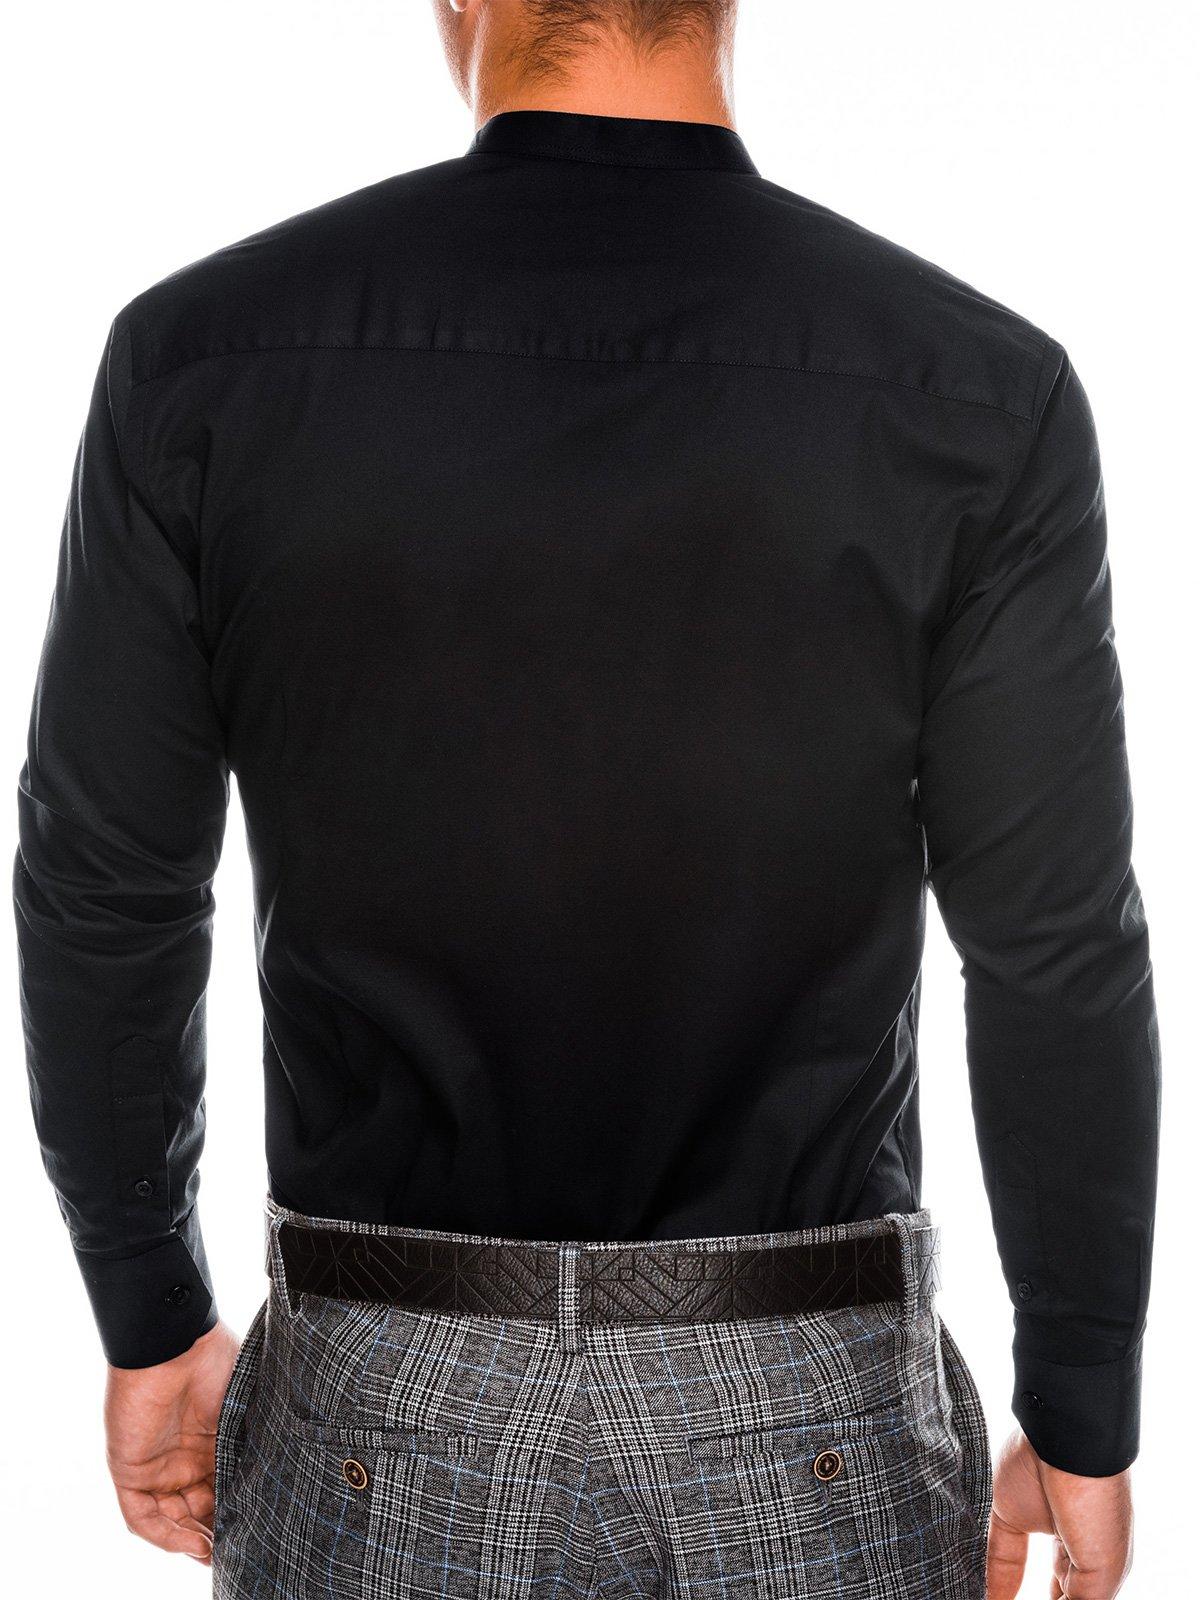 fd4adcc5a78 Мужская рубашка элегантная с длинным рукавом K307 - черная чёрный ...